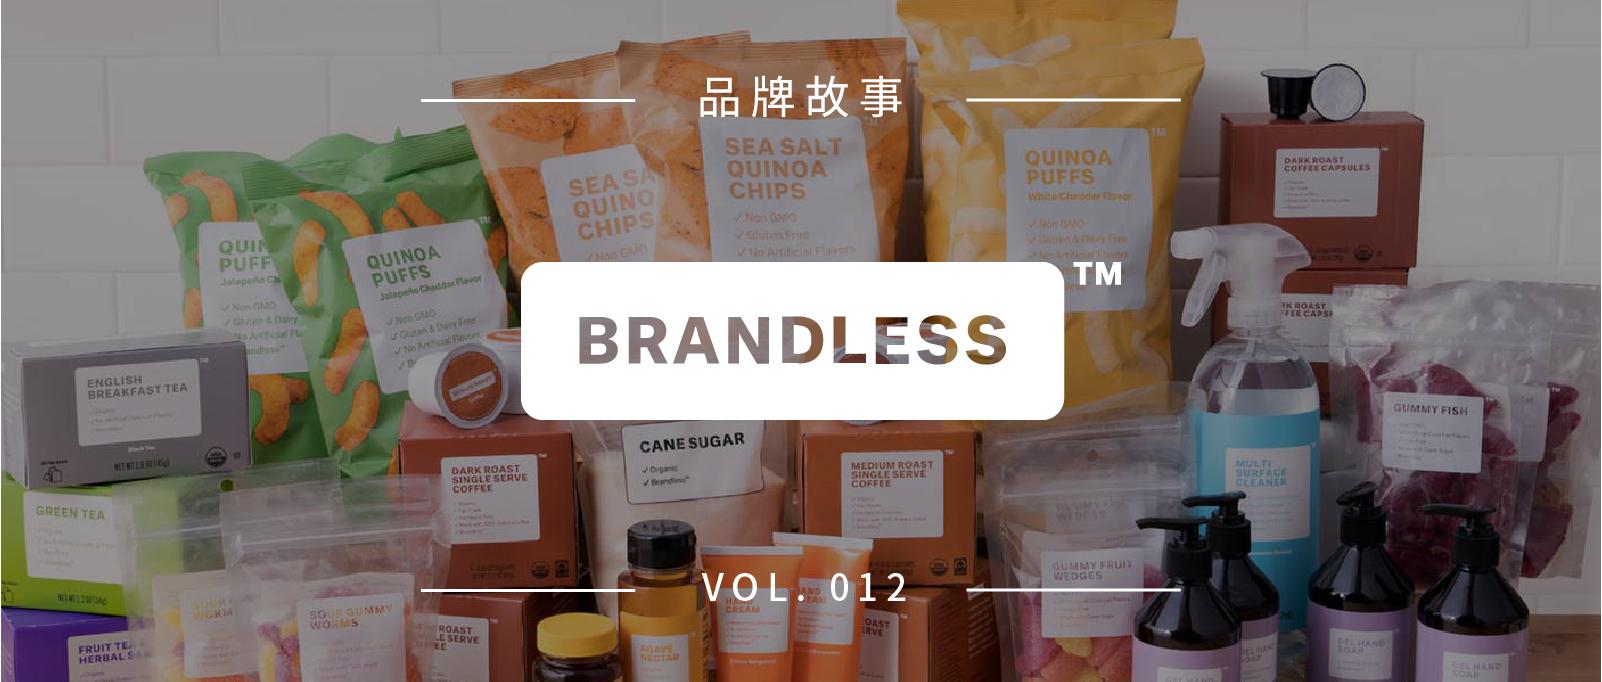 Brandless:美版的无印良品,它会重新定义品牌吗?